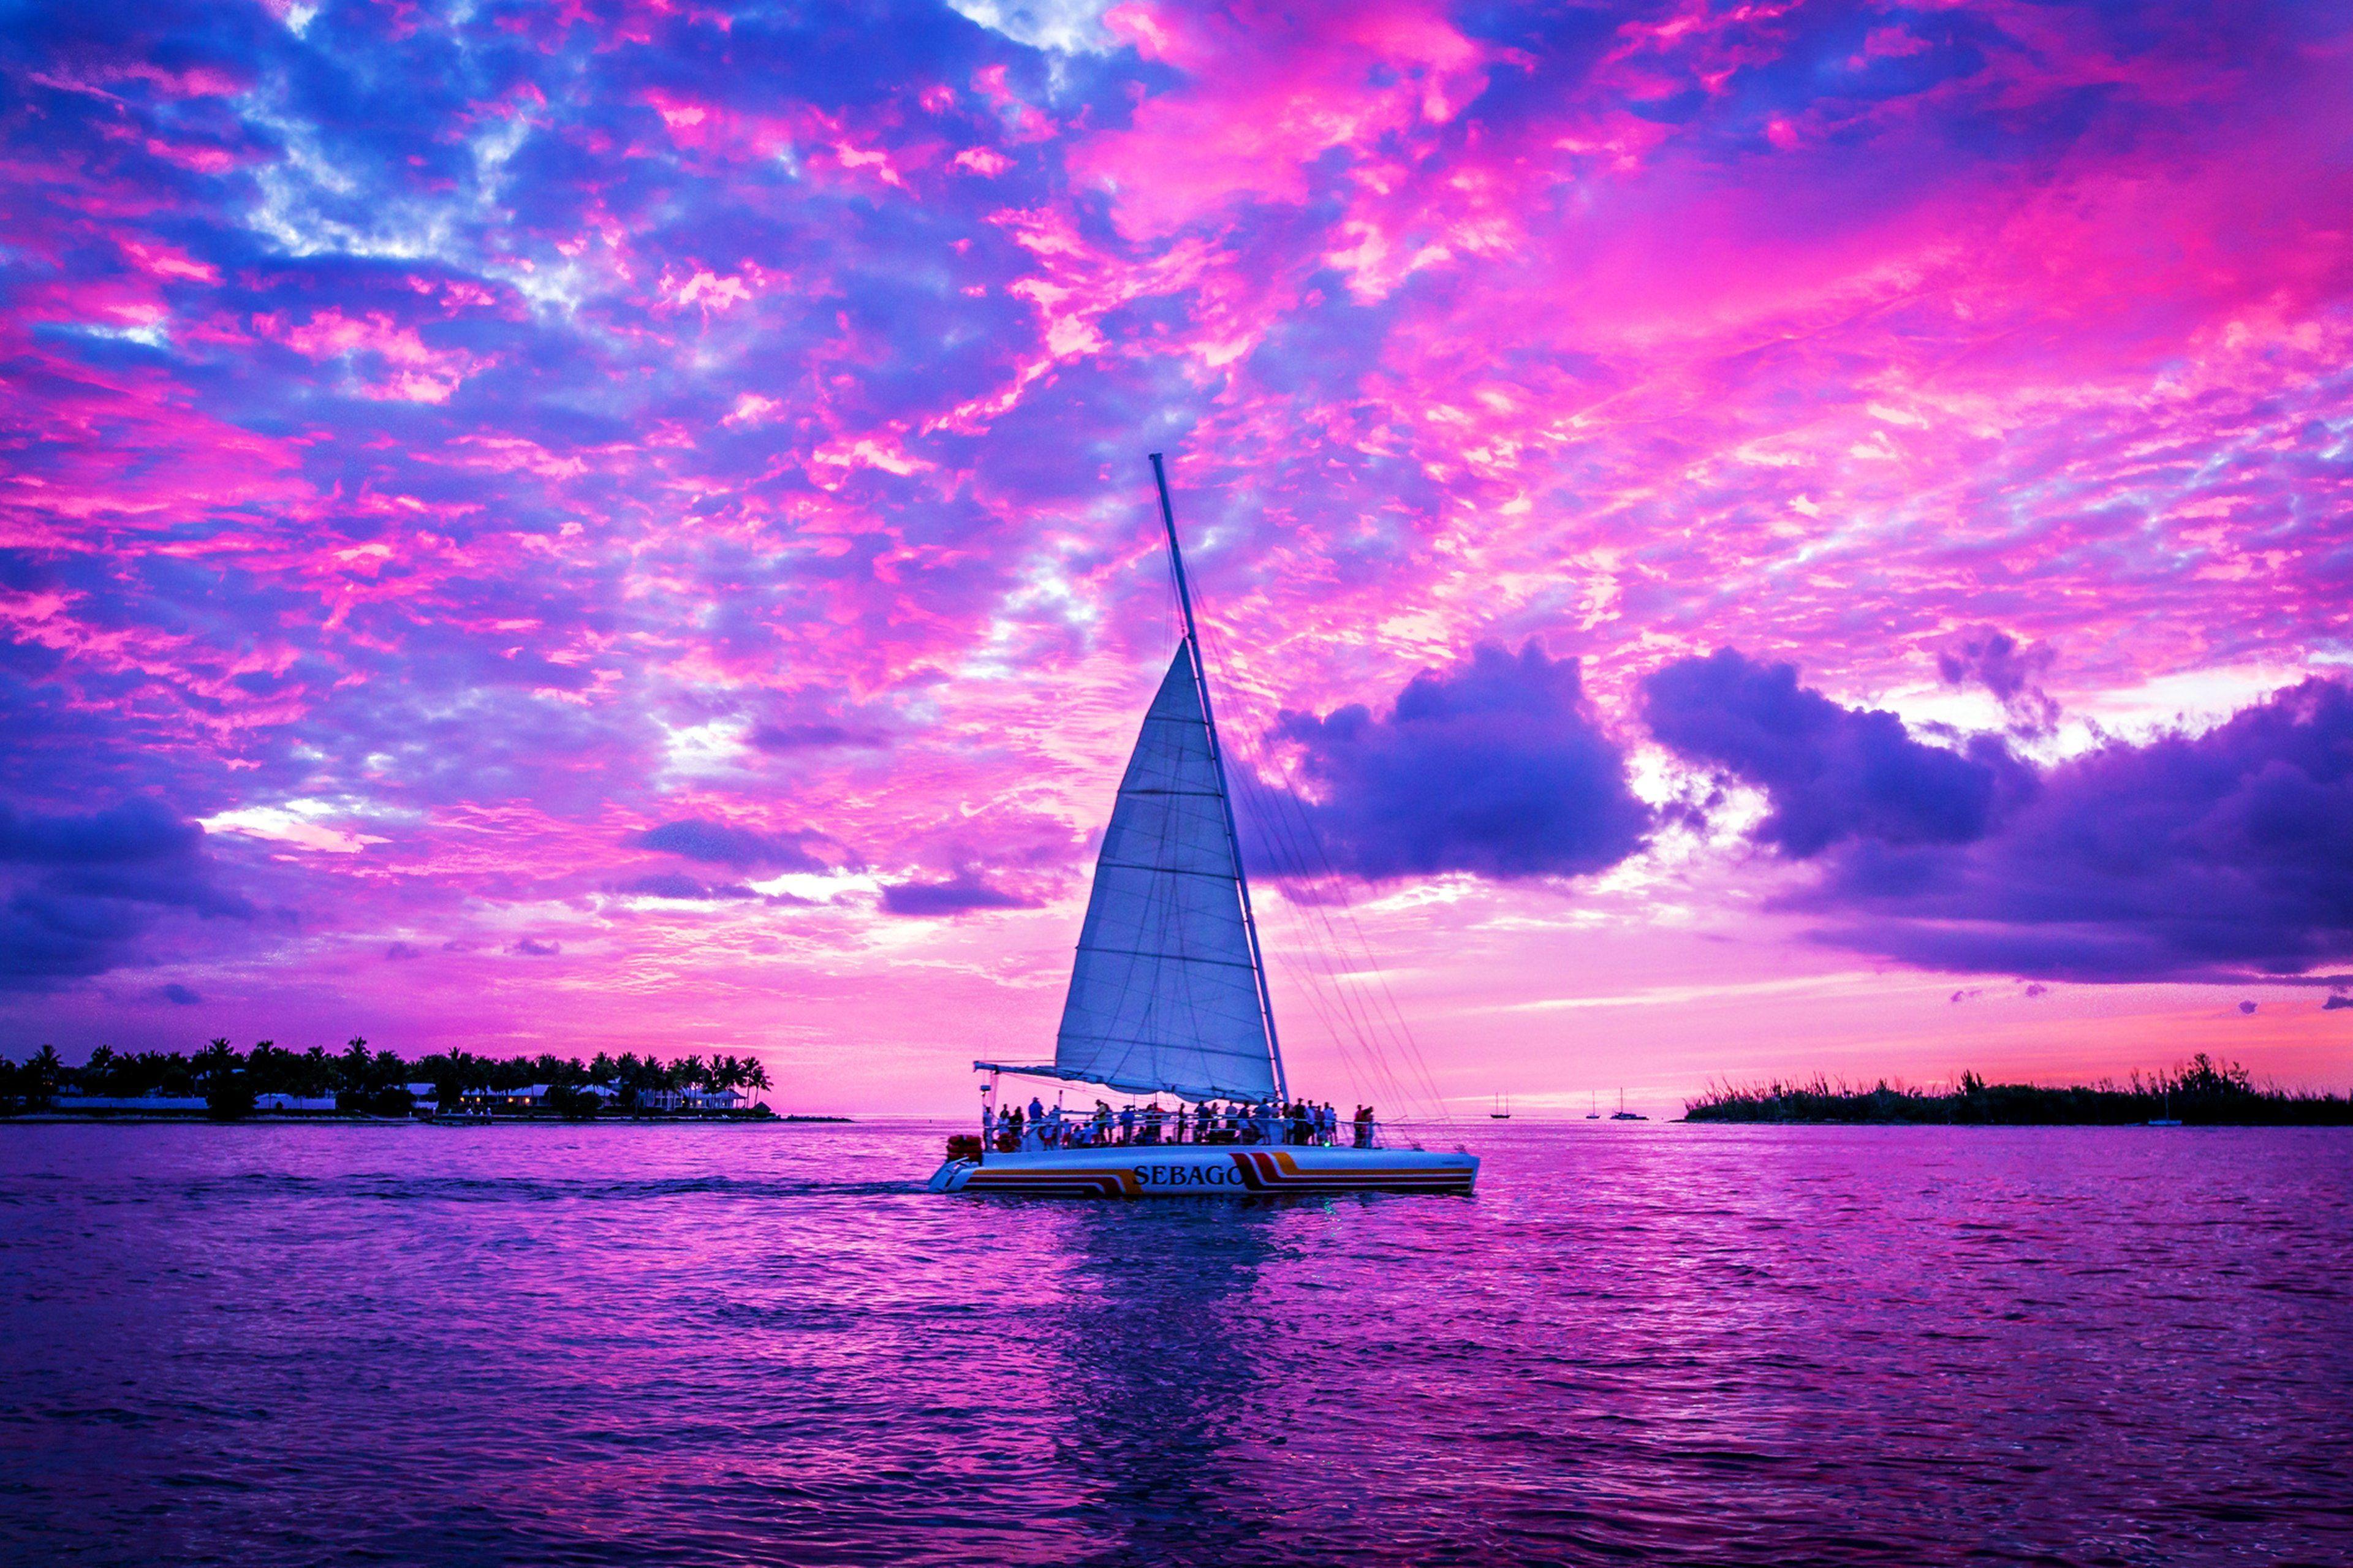 императрица, королева картинка лодка цвета неба этого